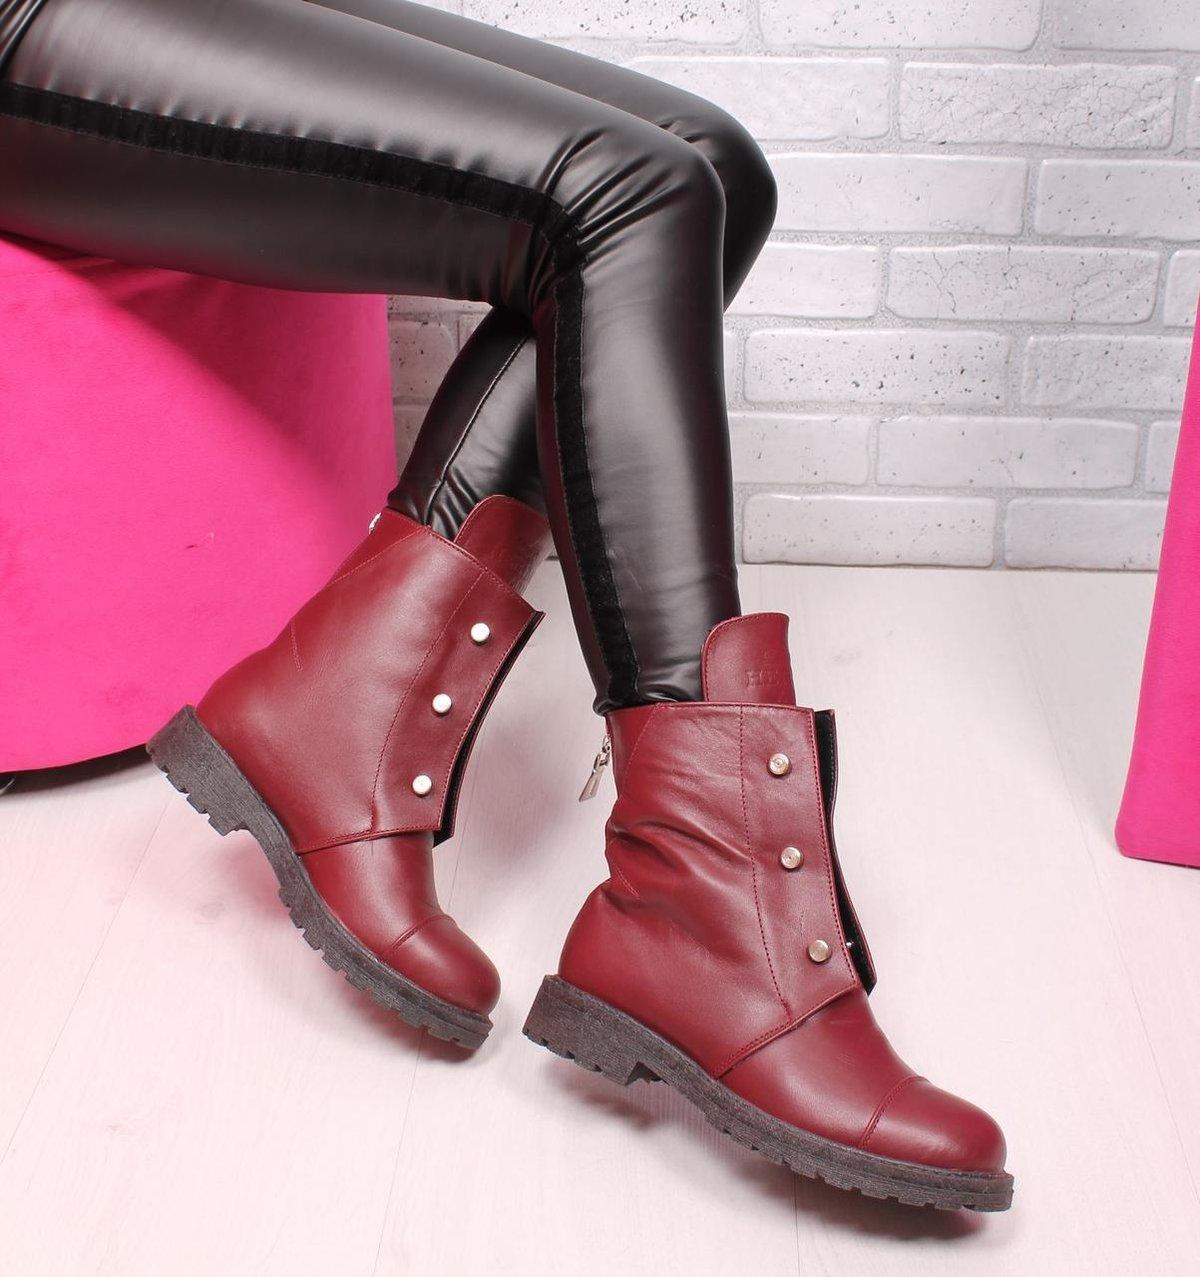 b0ad5cf87632 Ботинки Hermes женские в Волжском. Ботинки hermes женские копия Перейти на  официальный сайт производителя.